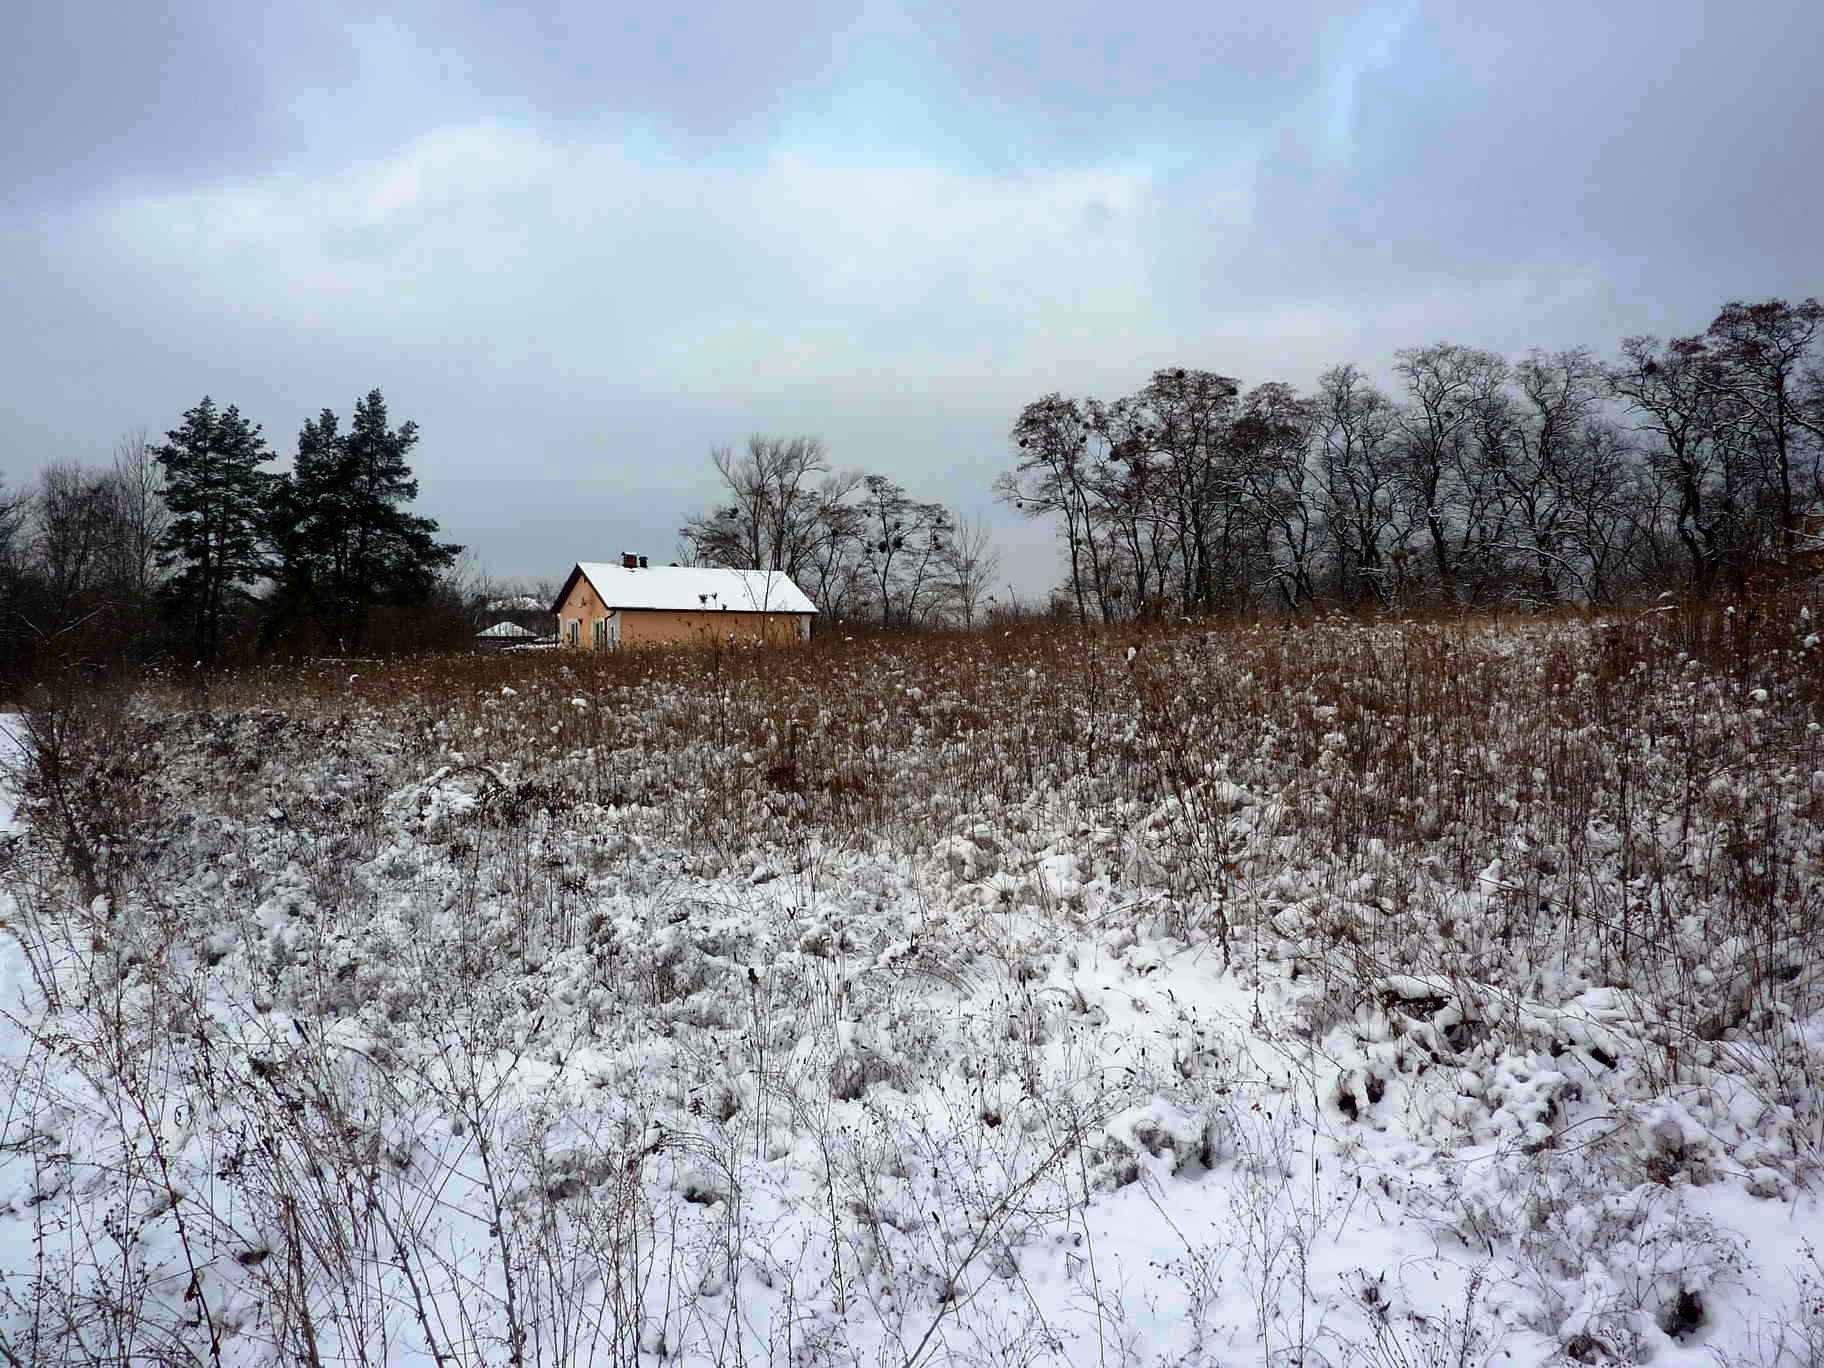 Фото: Продам земельну ділянку в місті Нове. Оголошення № 4726